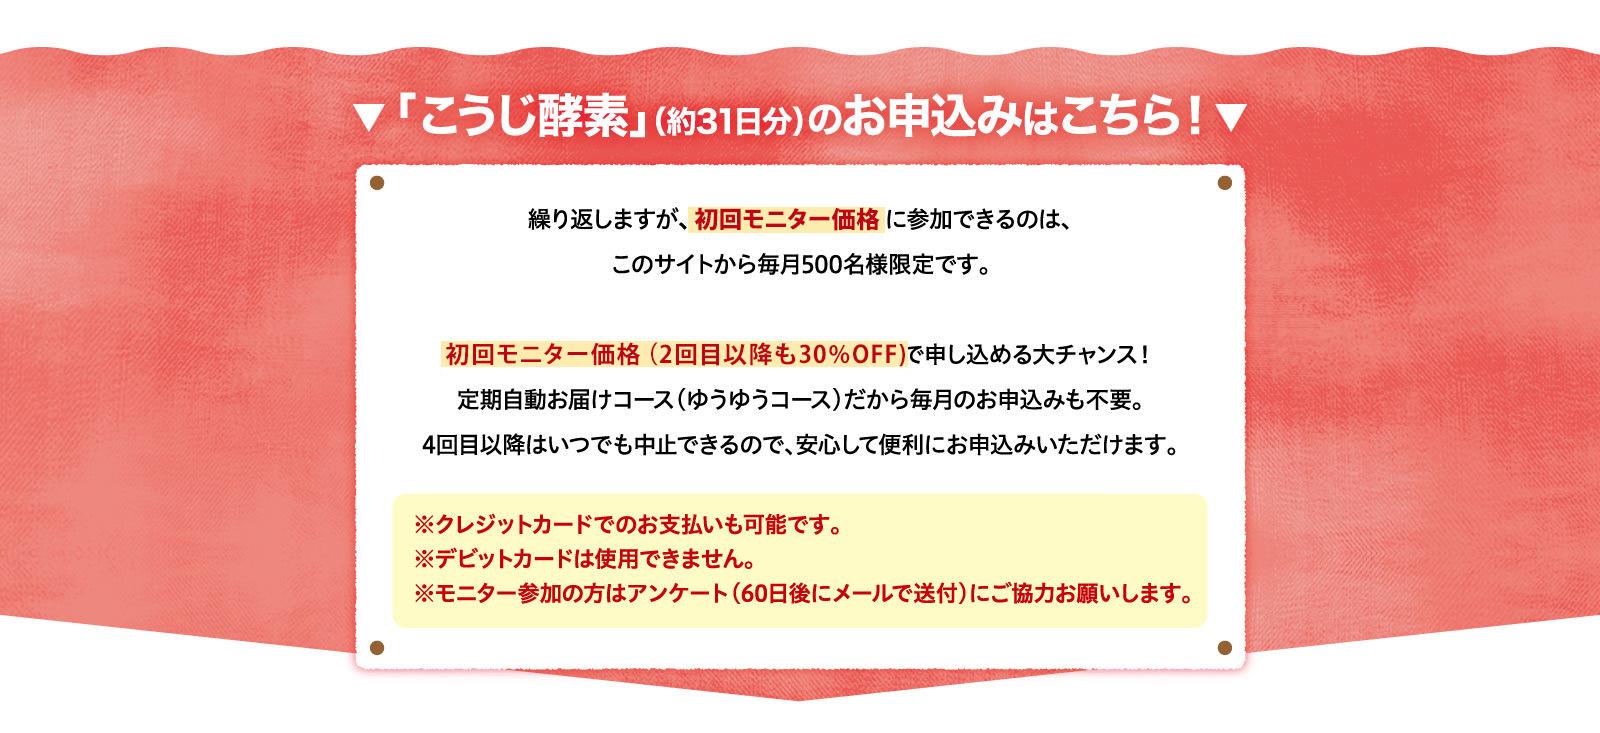 「こうじ酵素」(約31日分)のお申込みはこちら!